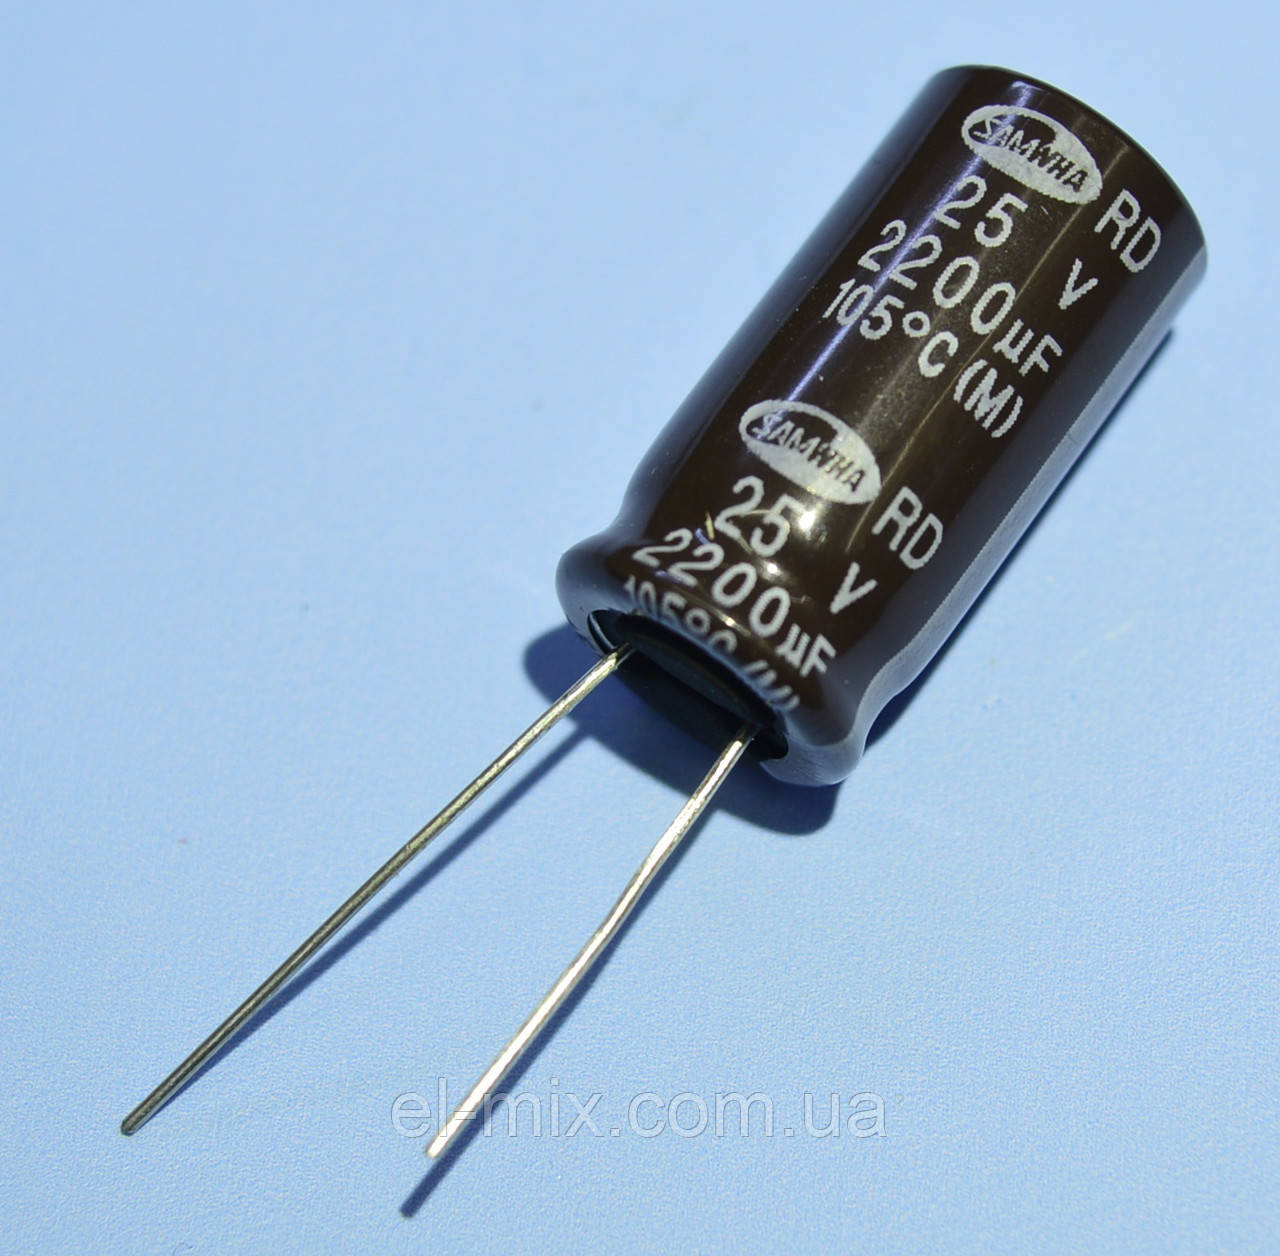 Конденсатор електролітичний 2200мкФ 25В Samwha 105*З RD 12*25